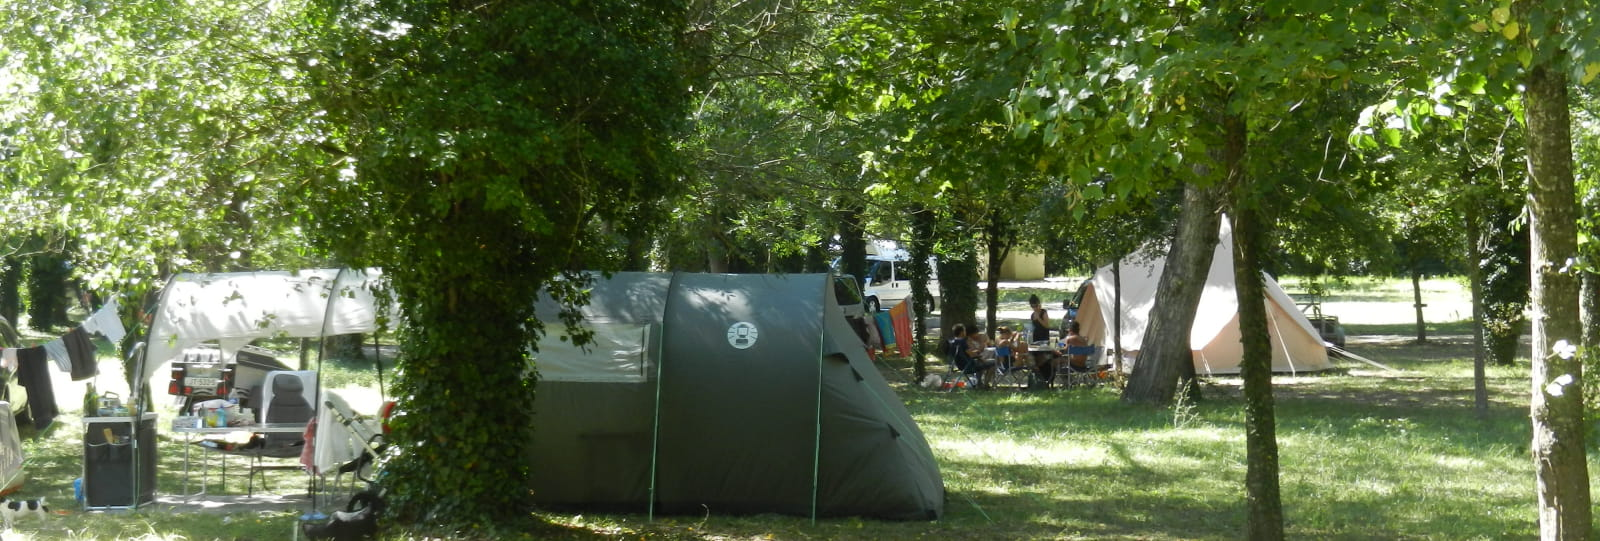 Aire Naturelle de Camping de la Cave Monge Granon